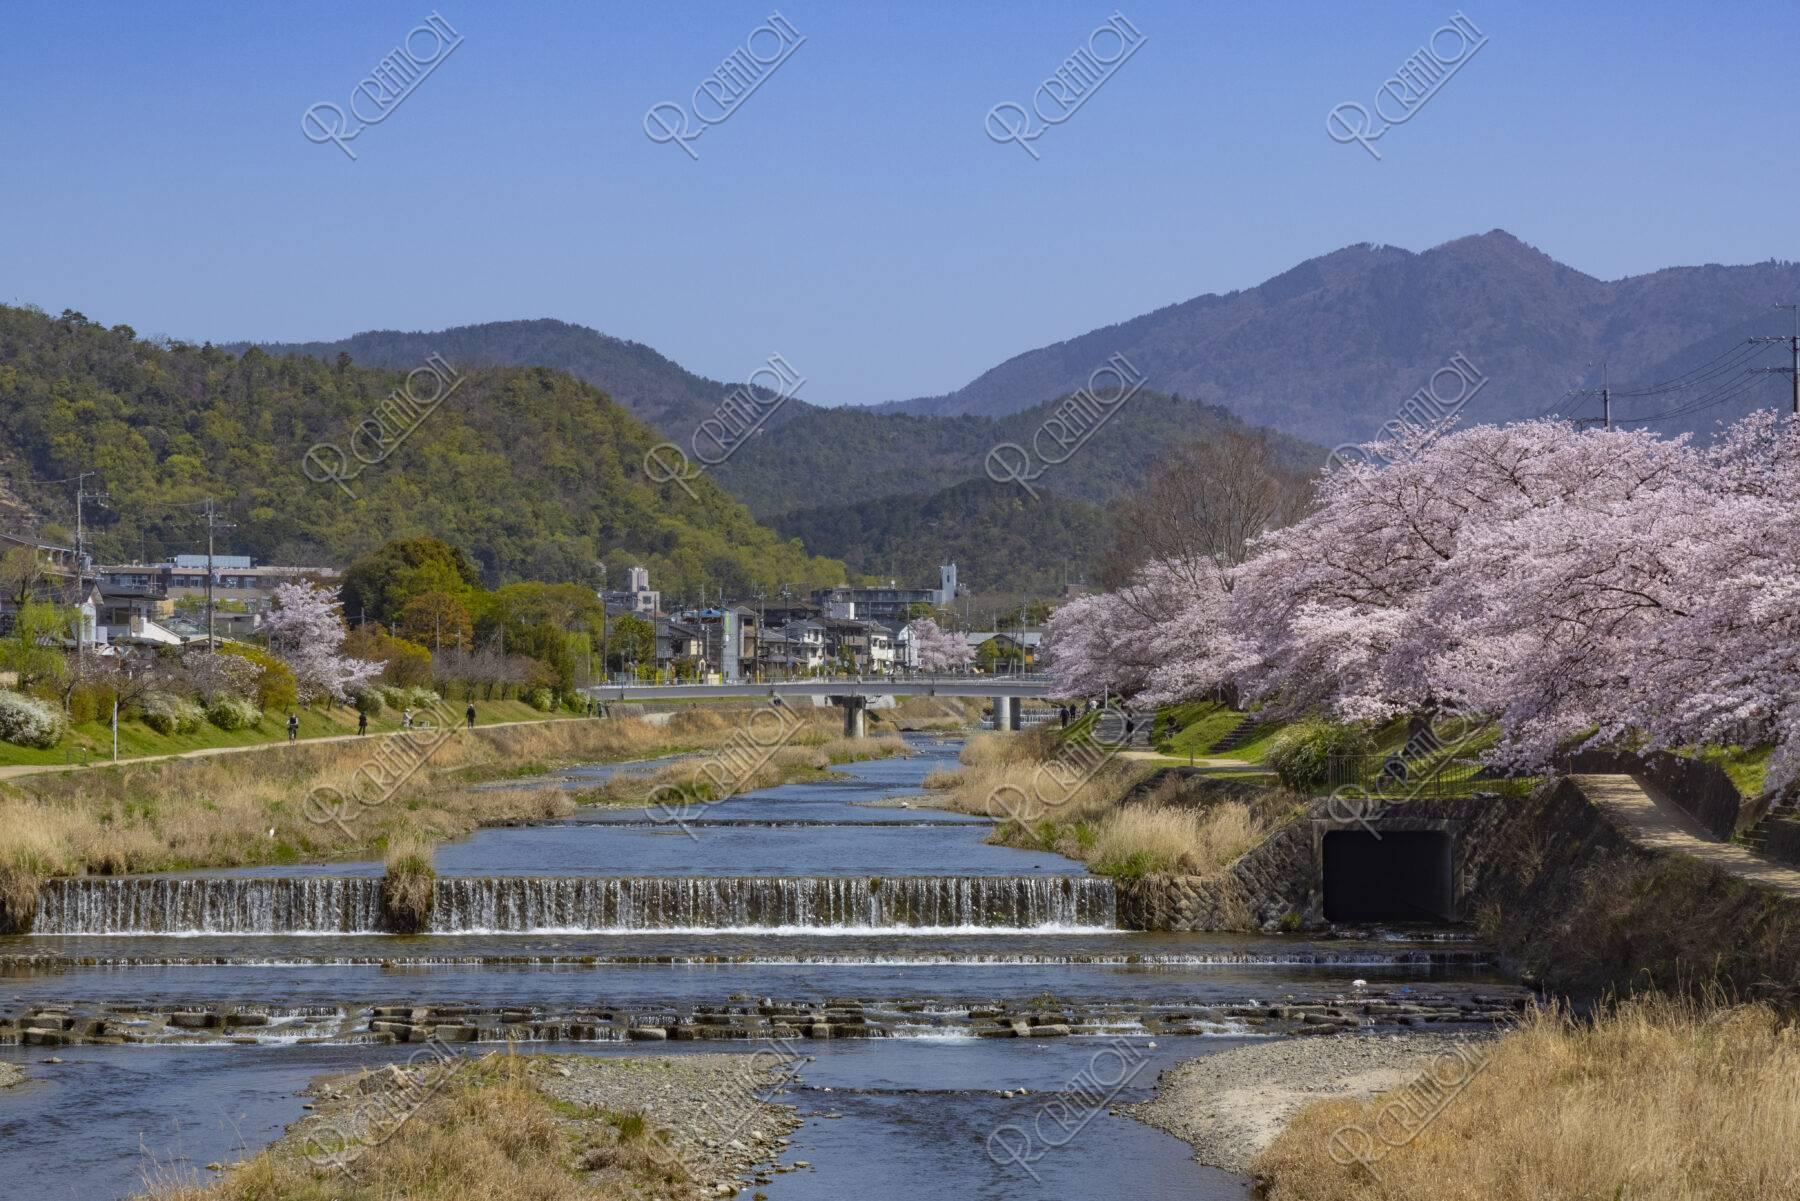 高野橋からの比叡山と桜並木